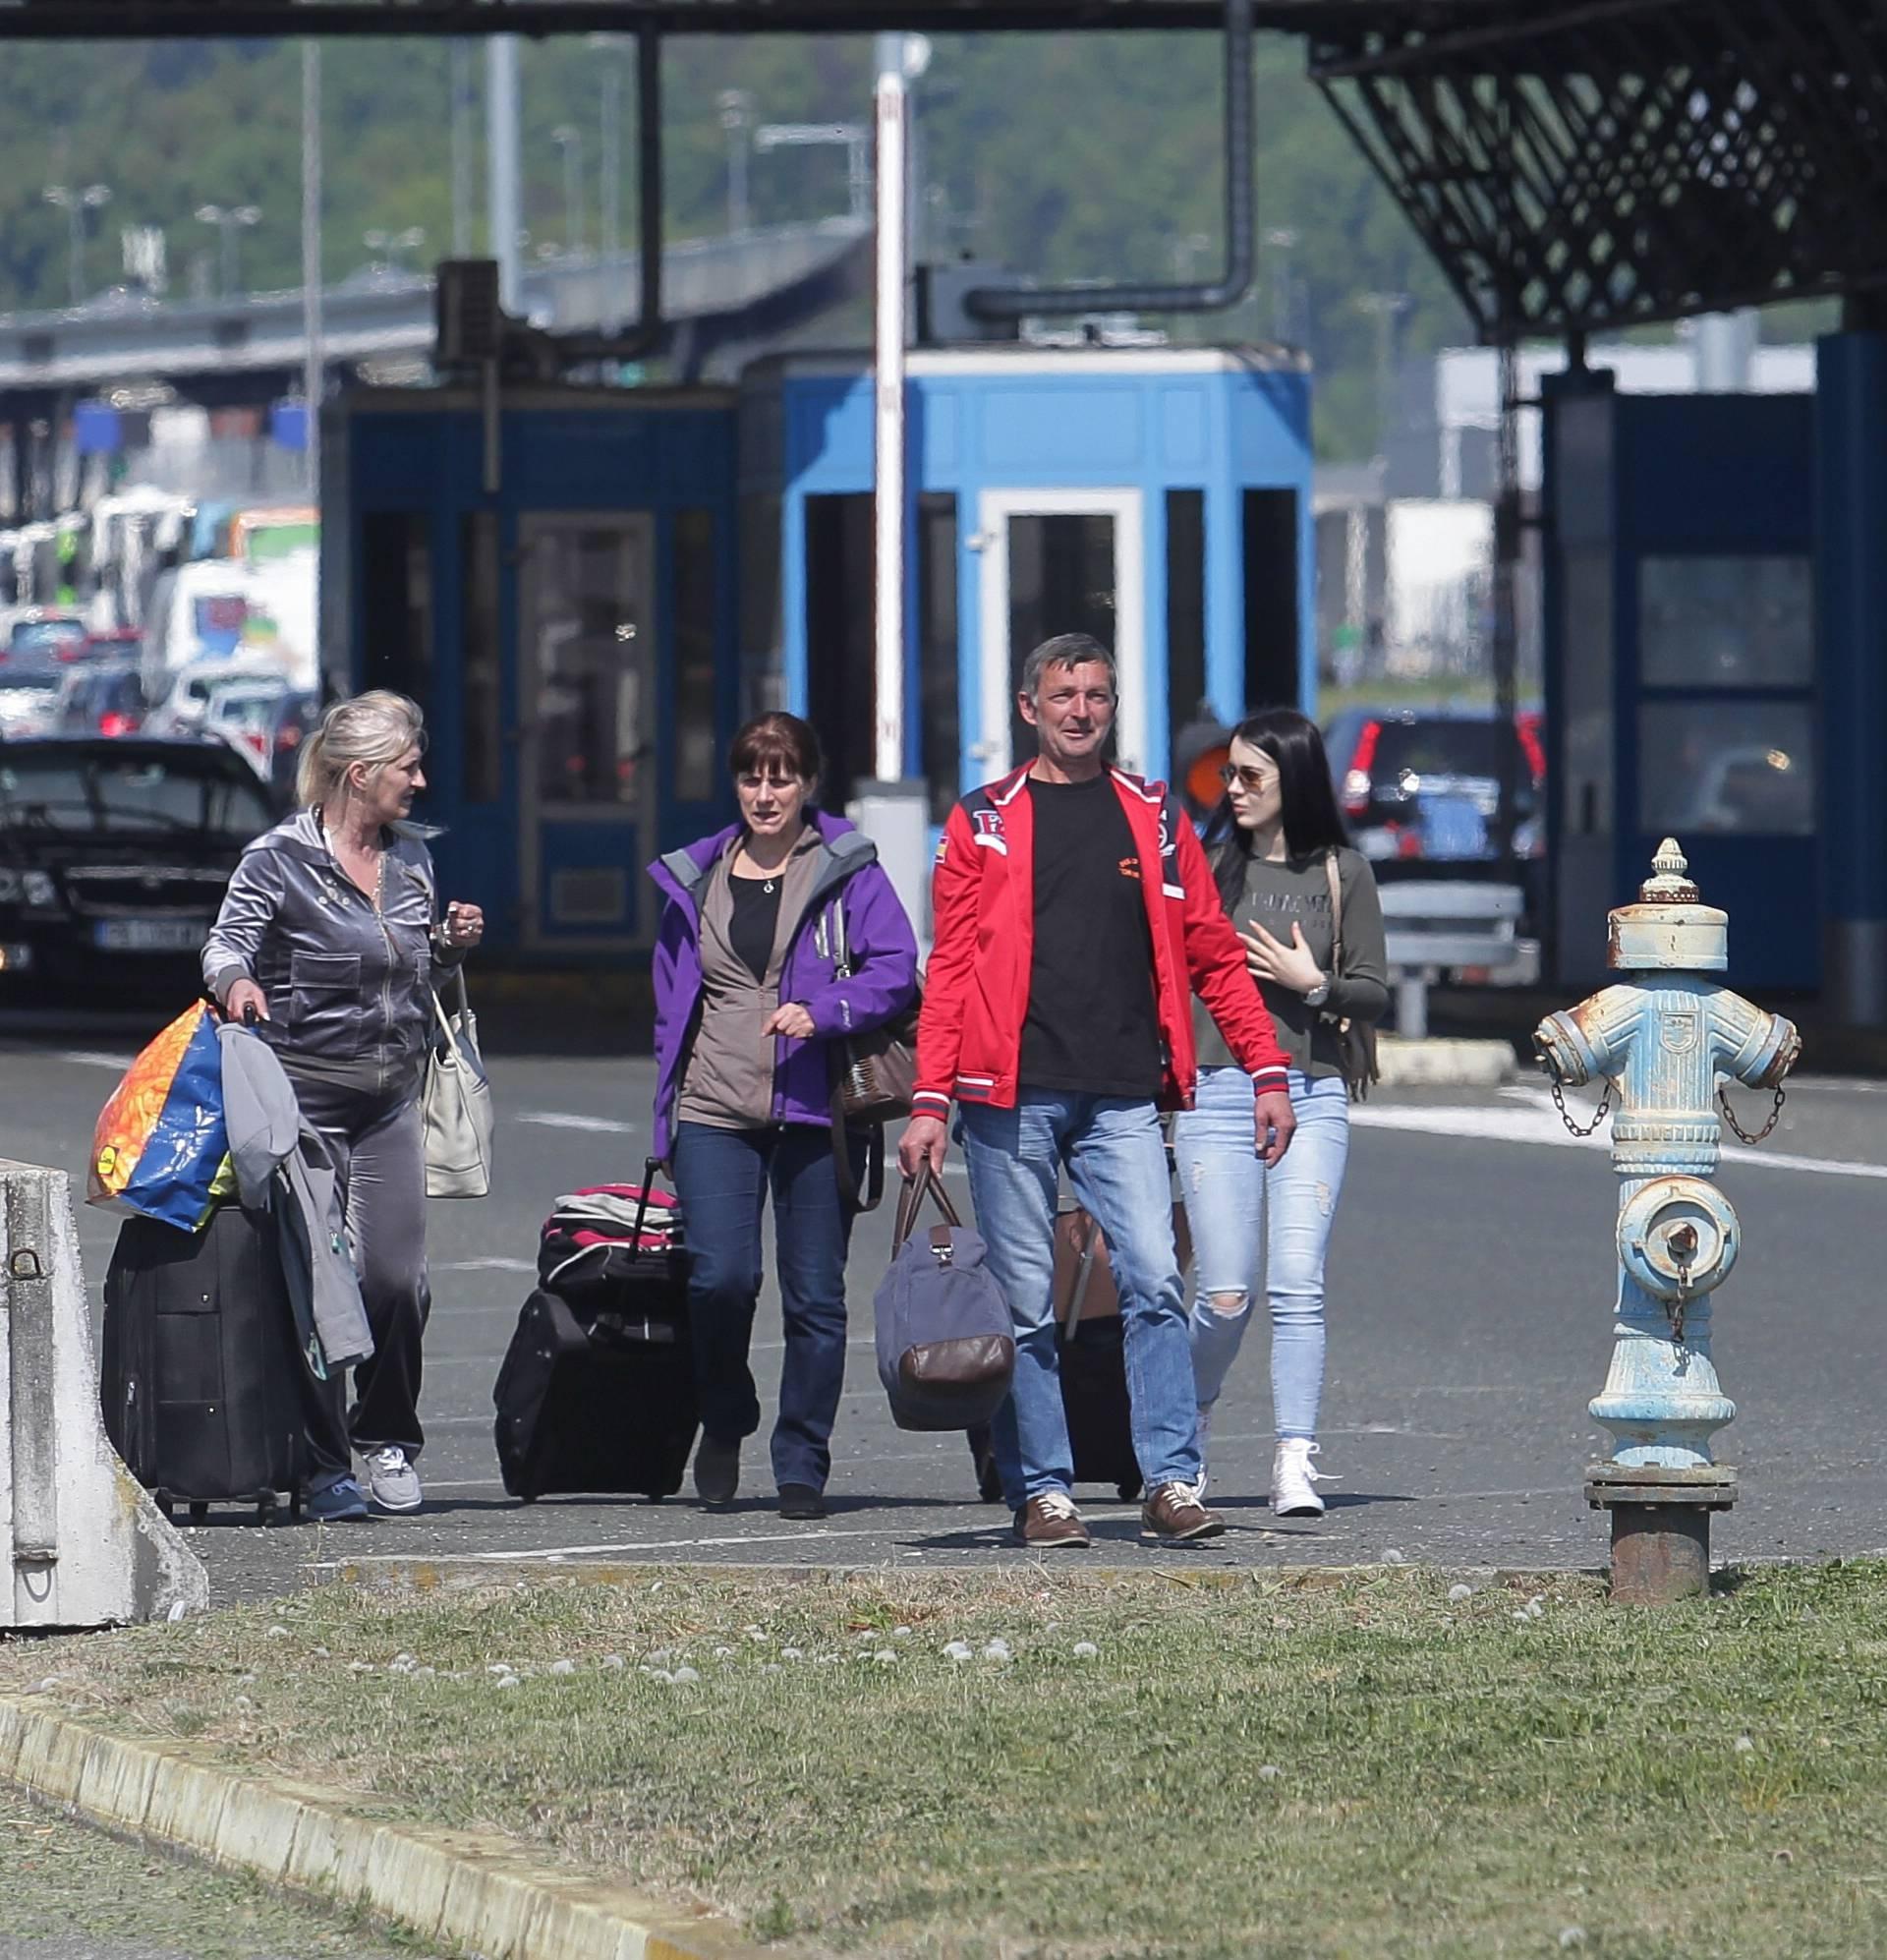 Kaos na Bregani: Ljudi izlaze iz buseva i granicu prelaze pješke